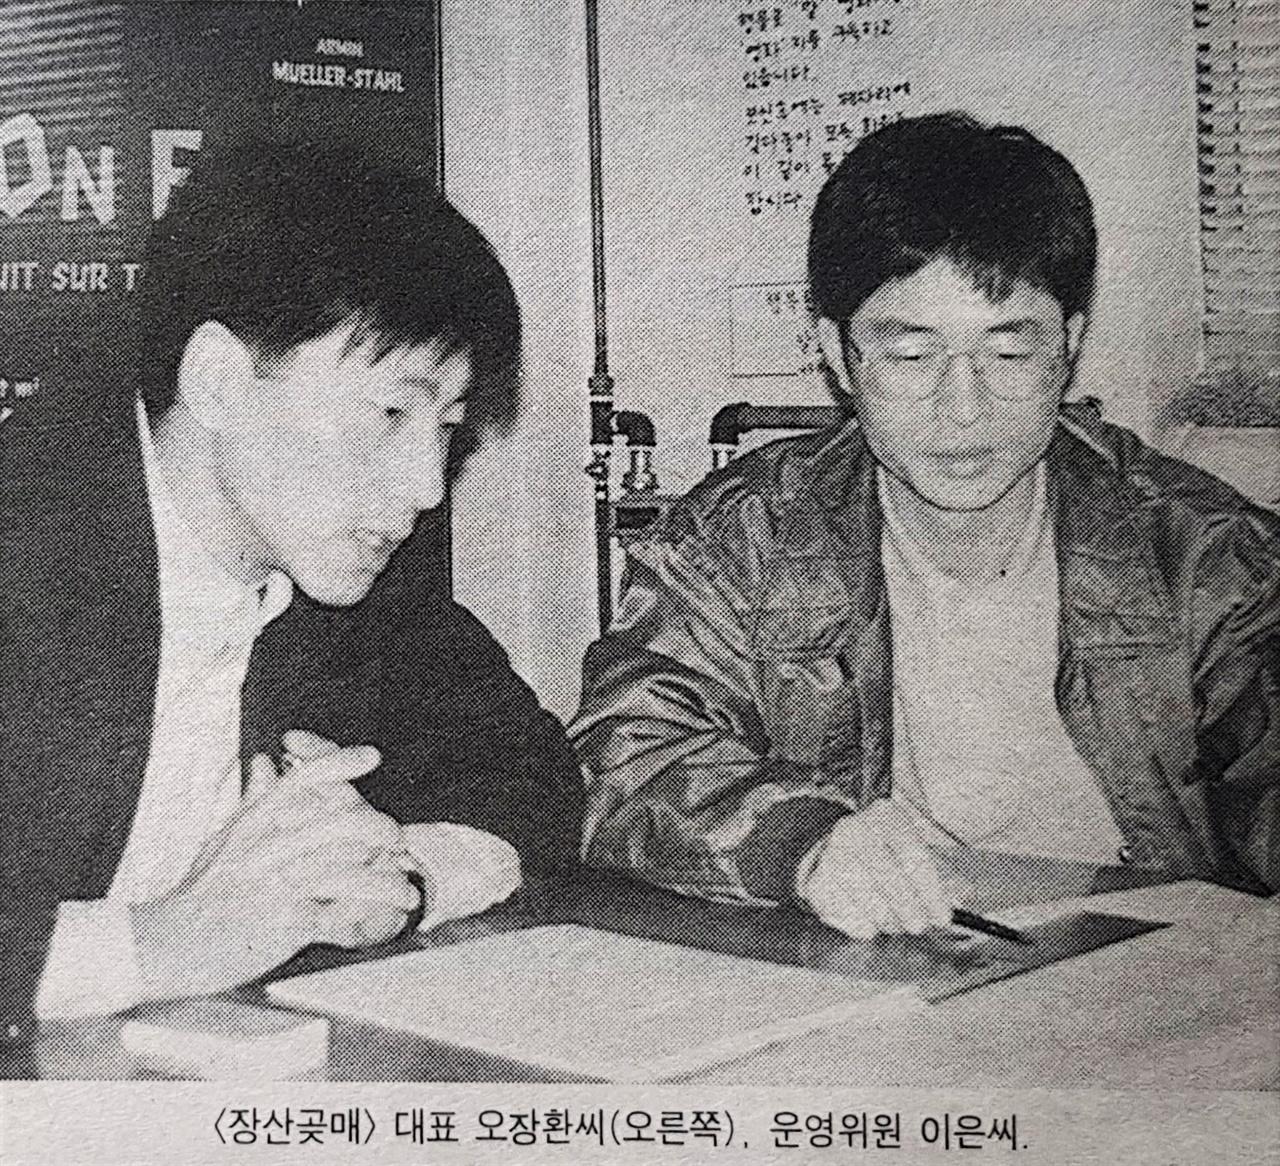 1993년 3월 31일 발행 <영화저널>에 나온 이은과 오창환